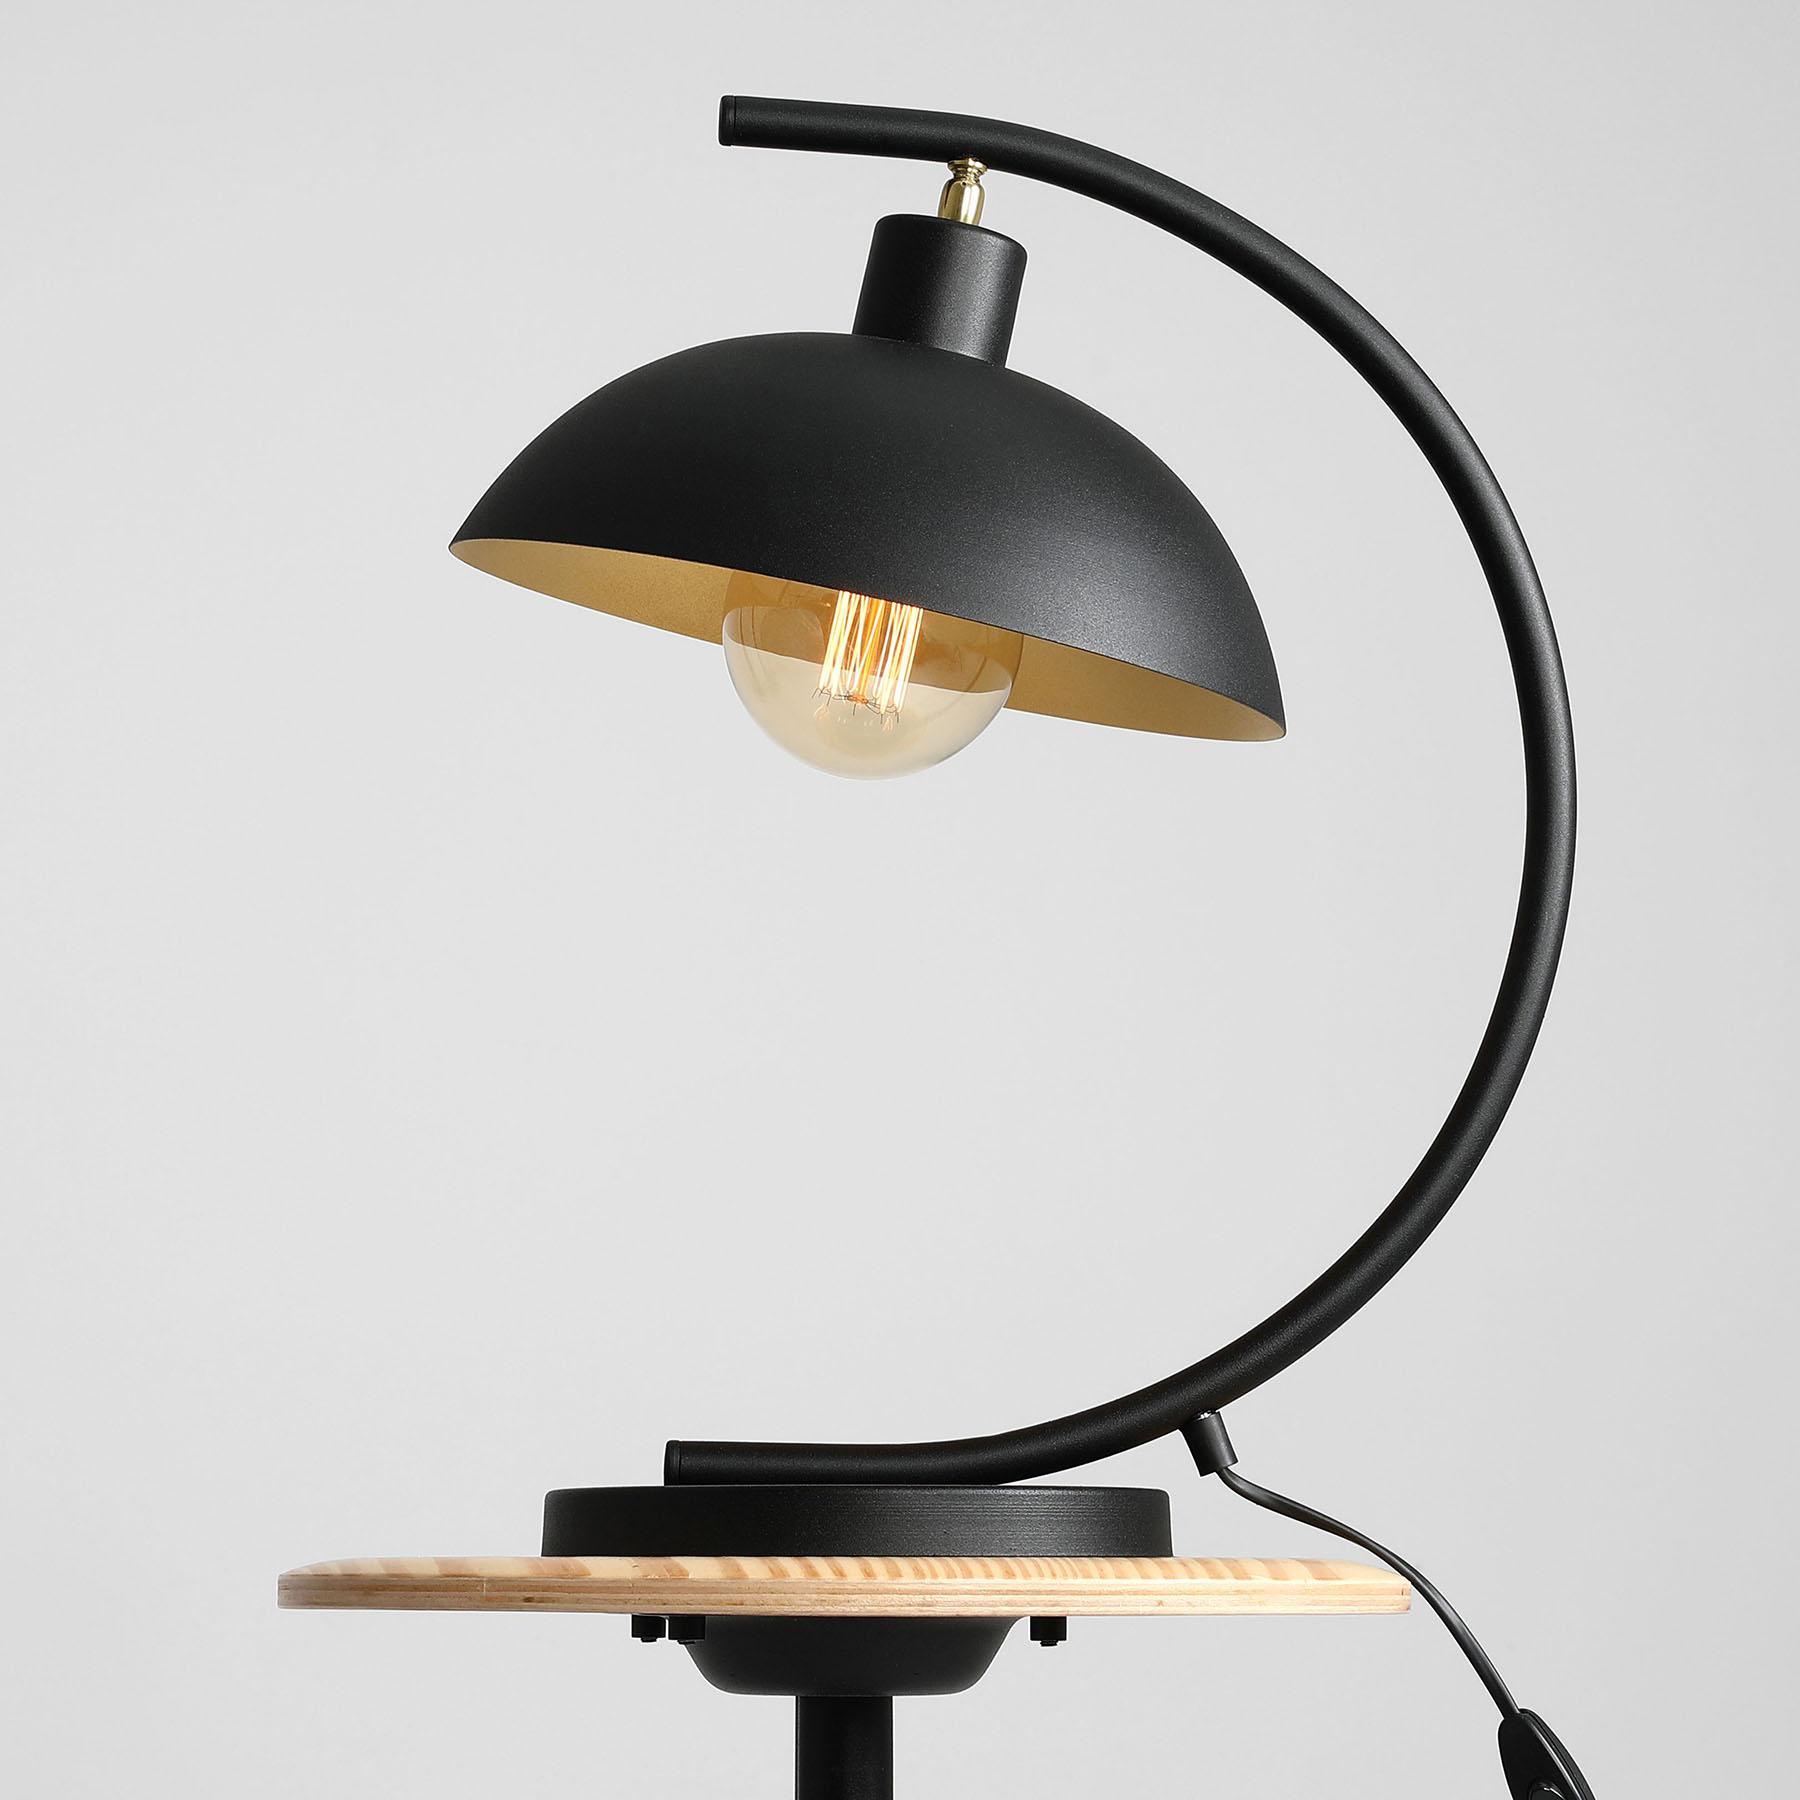 Lampe à poser 1036, à 1 lampe, noire-dorée